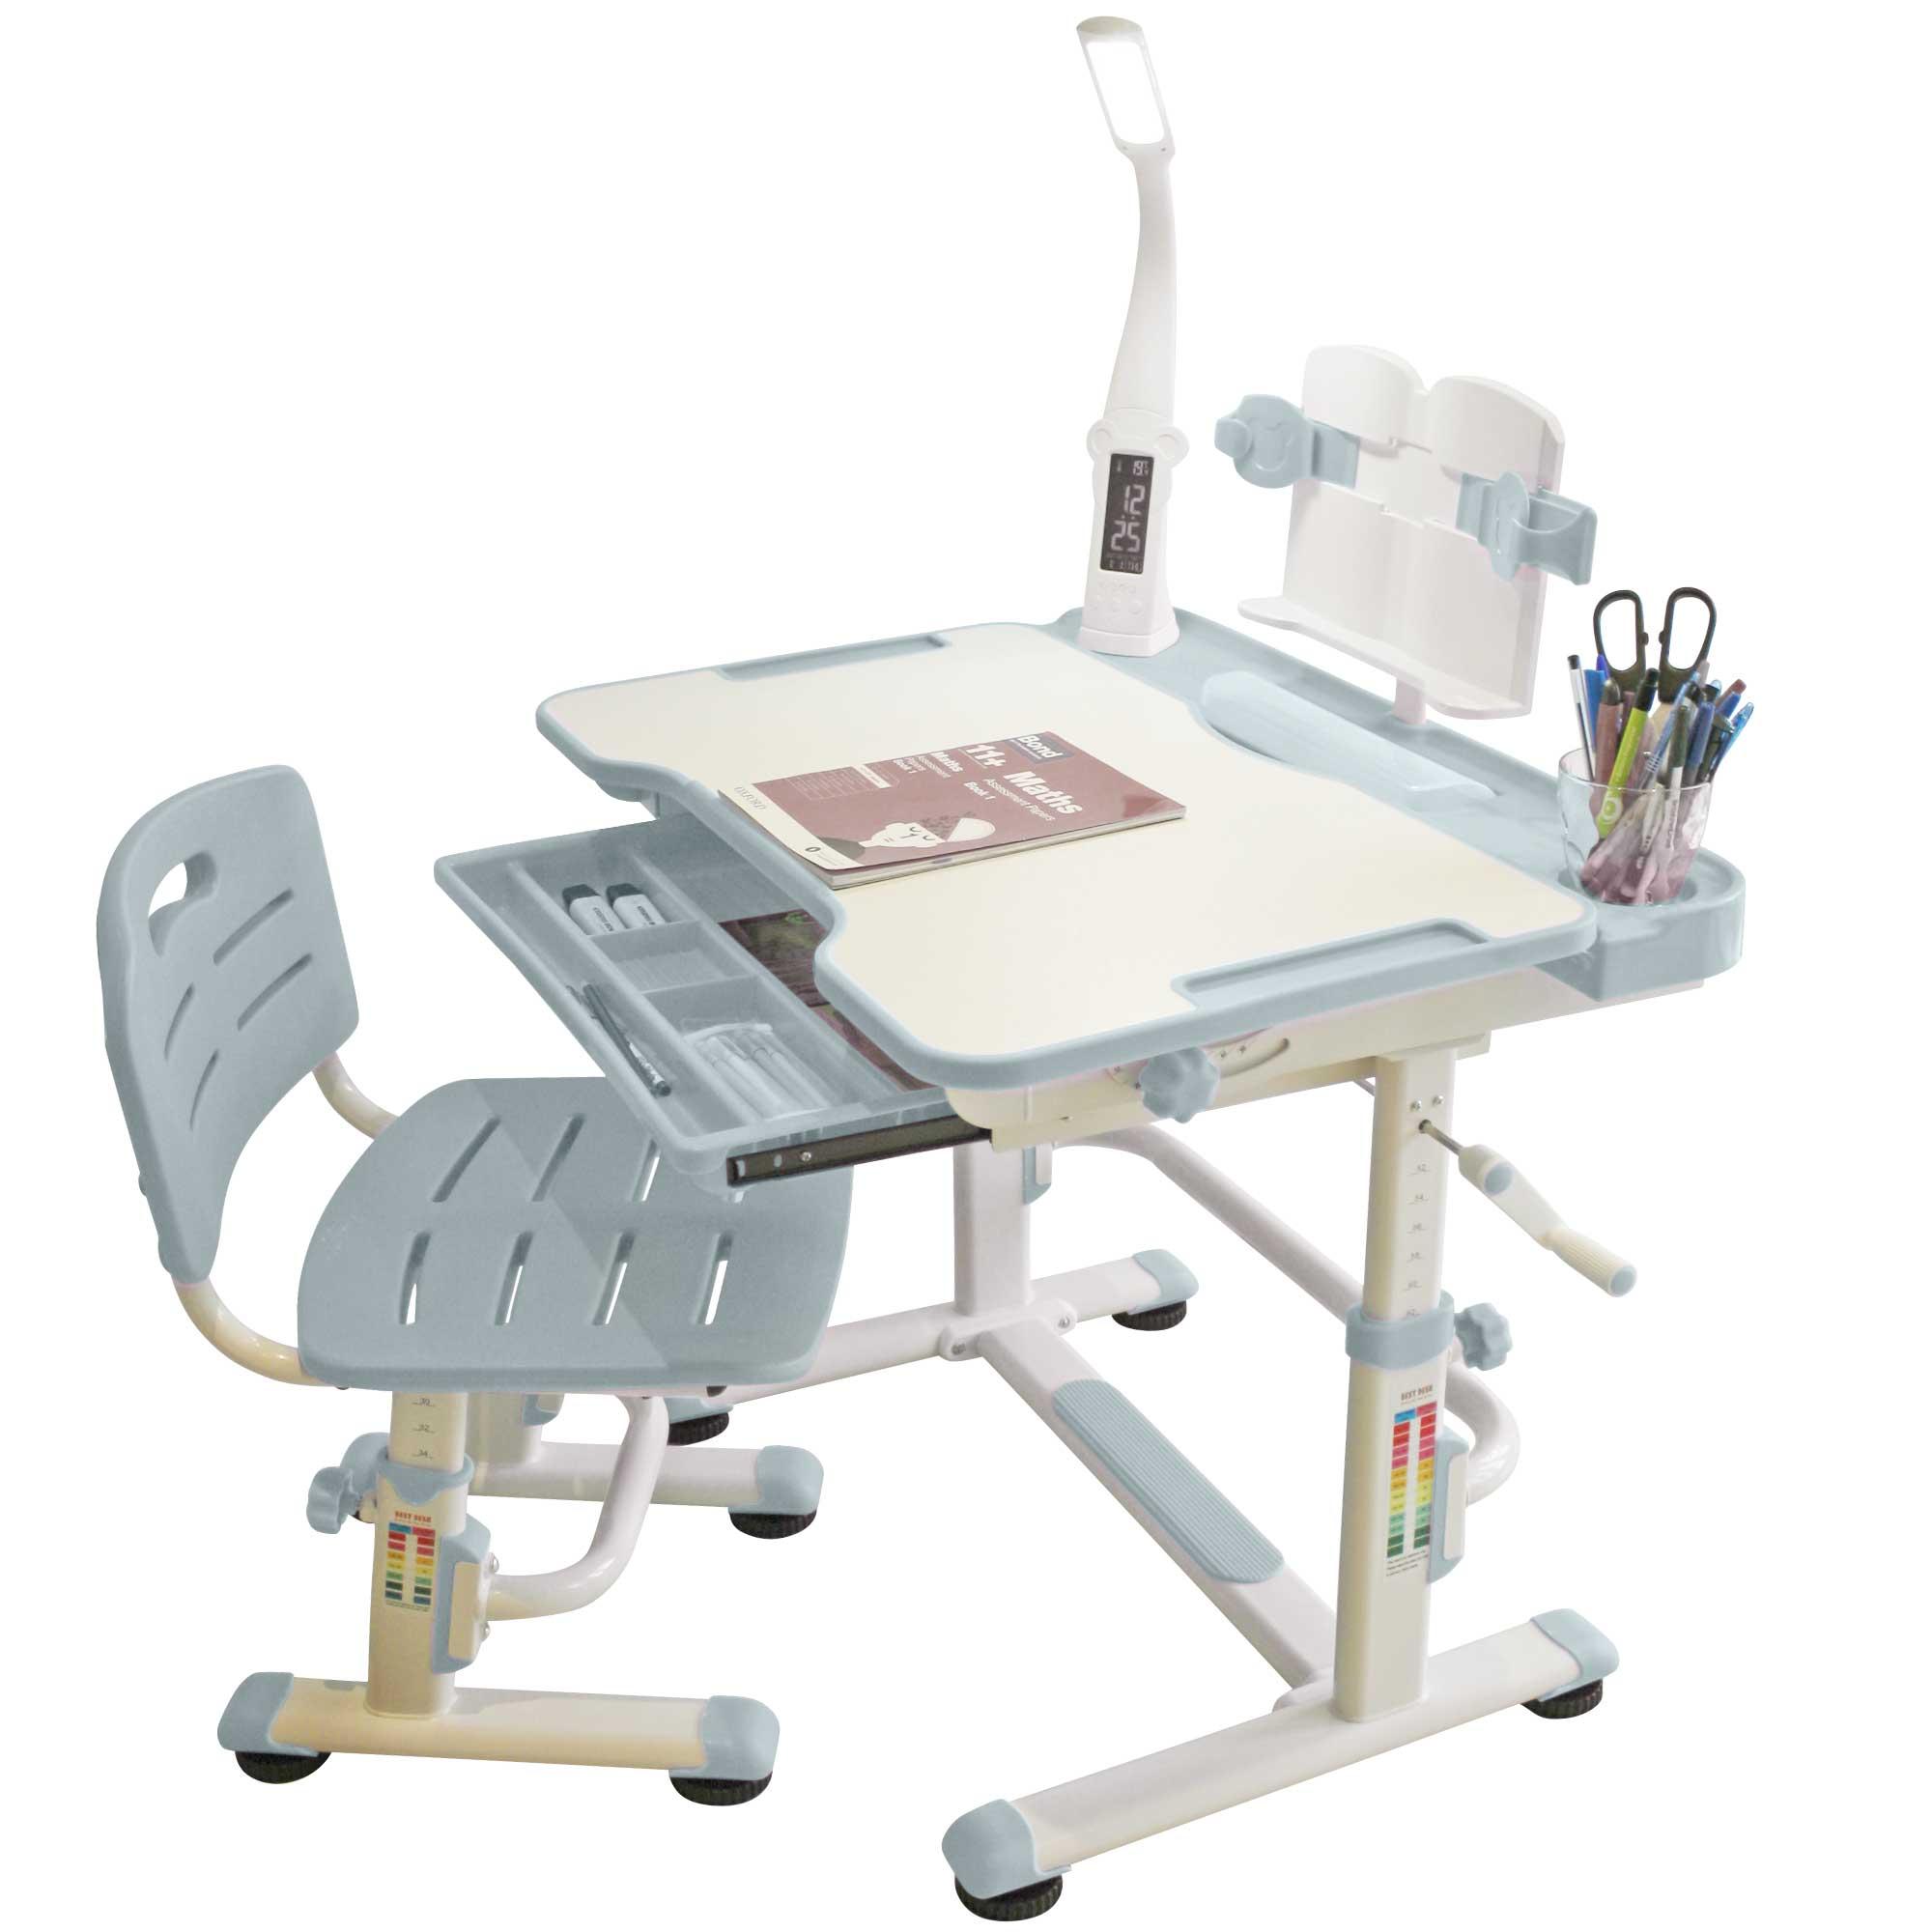 height-adjustable-kids-desk-chair-children-study-table-sprite-grey-desk-2019-design-06